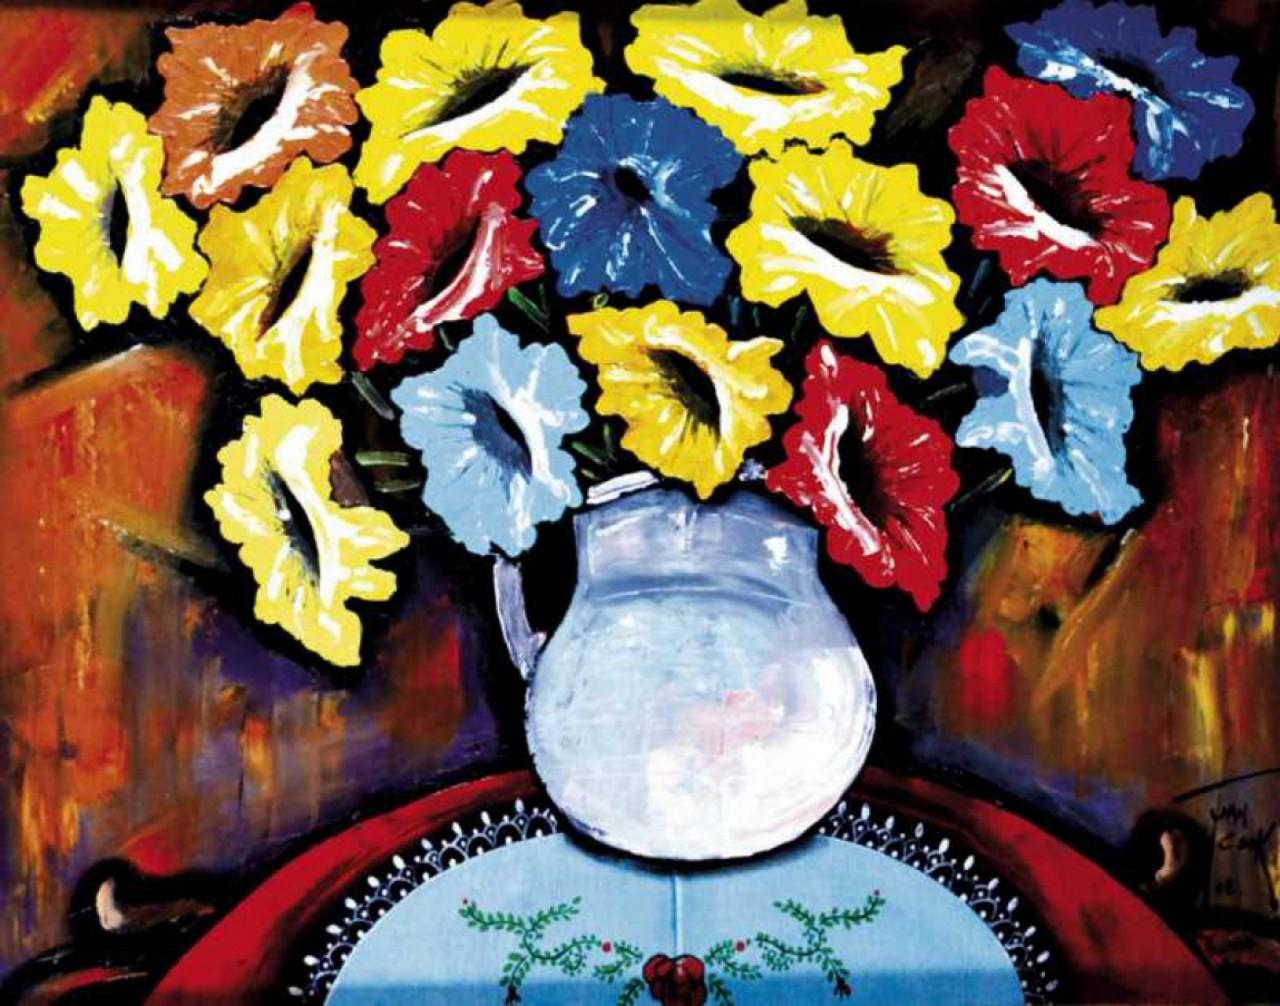 COOK Juan vase de fleurs colorées